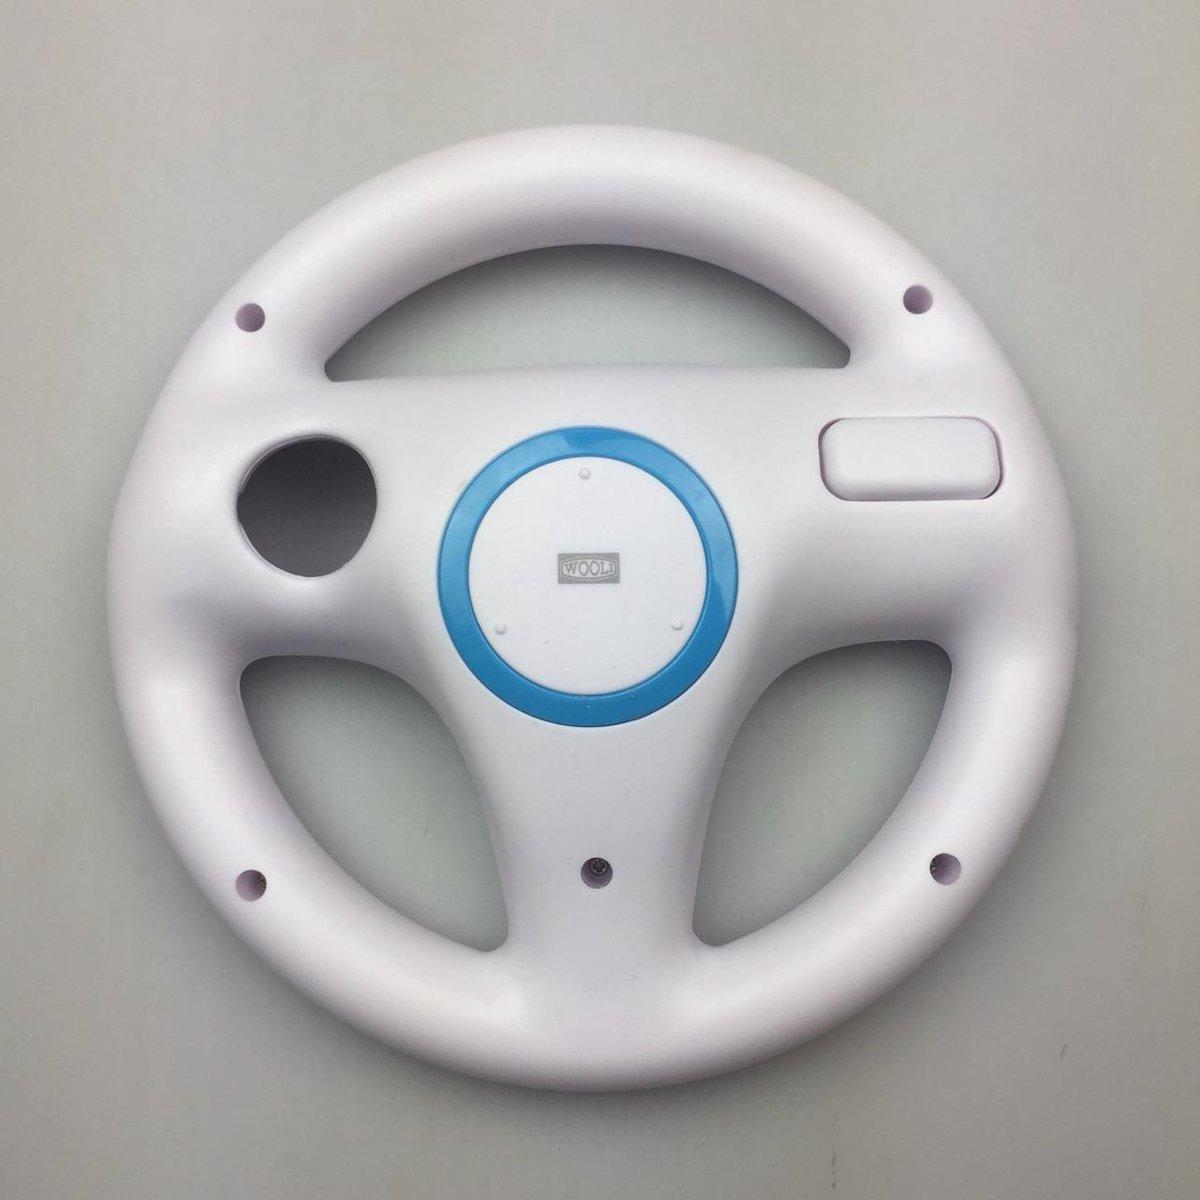 Race stuurwiel/Wii stuur controller voor Nintendo Wii & Wii U   Wit